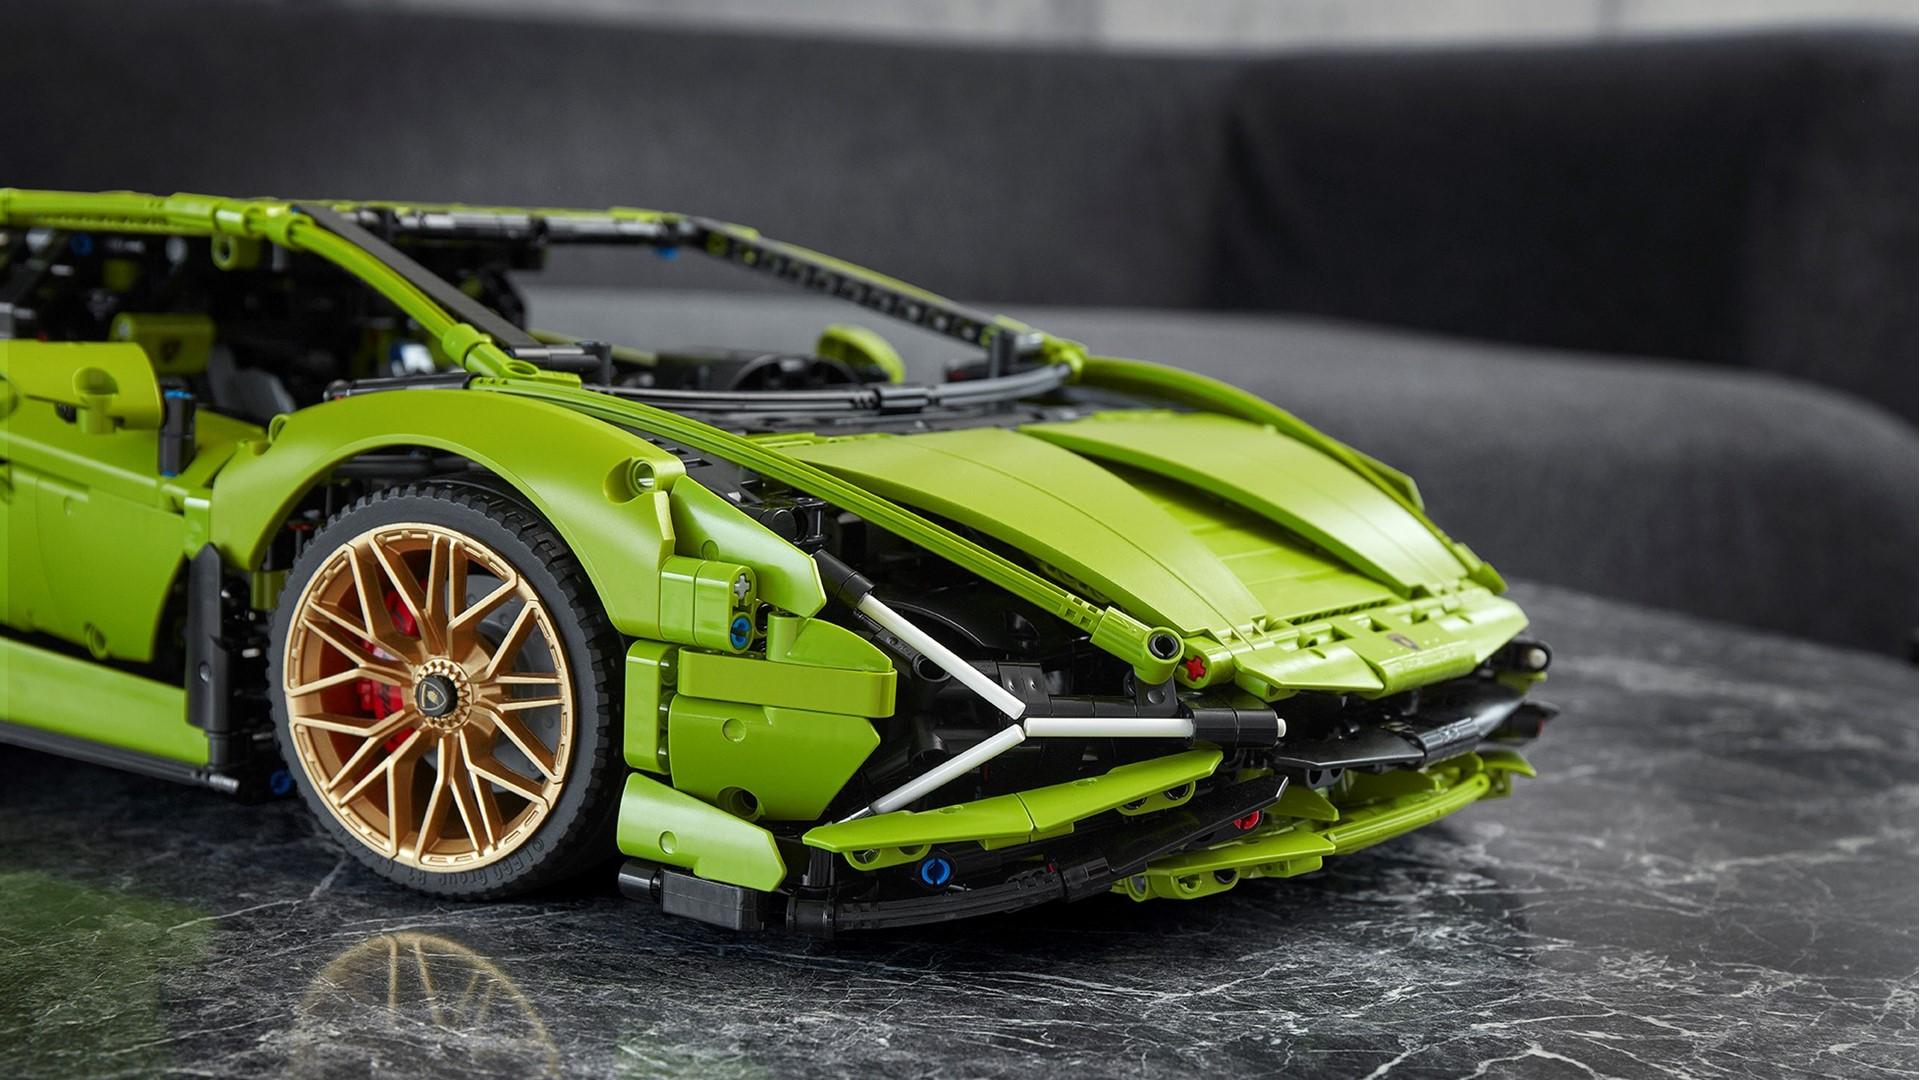 Automobili Lamborghini and the LEGO Group recreate the Lamborghini Sián FKP 37: the most powerful Lamborghini produced, in LEGO® Technic™ - Image 3